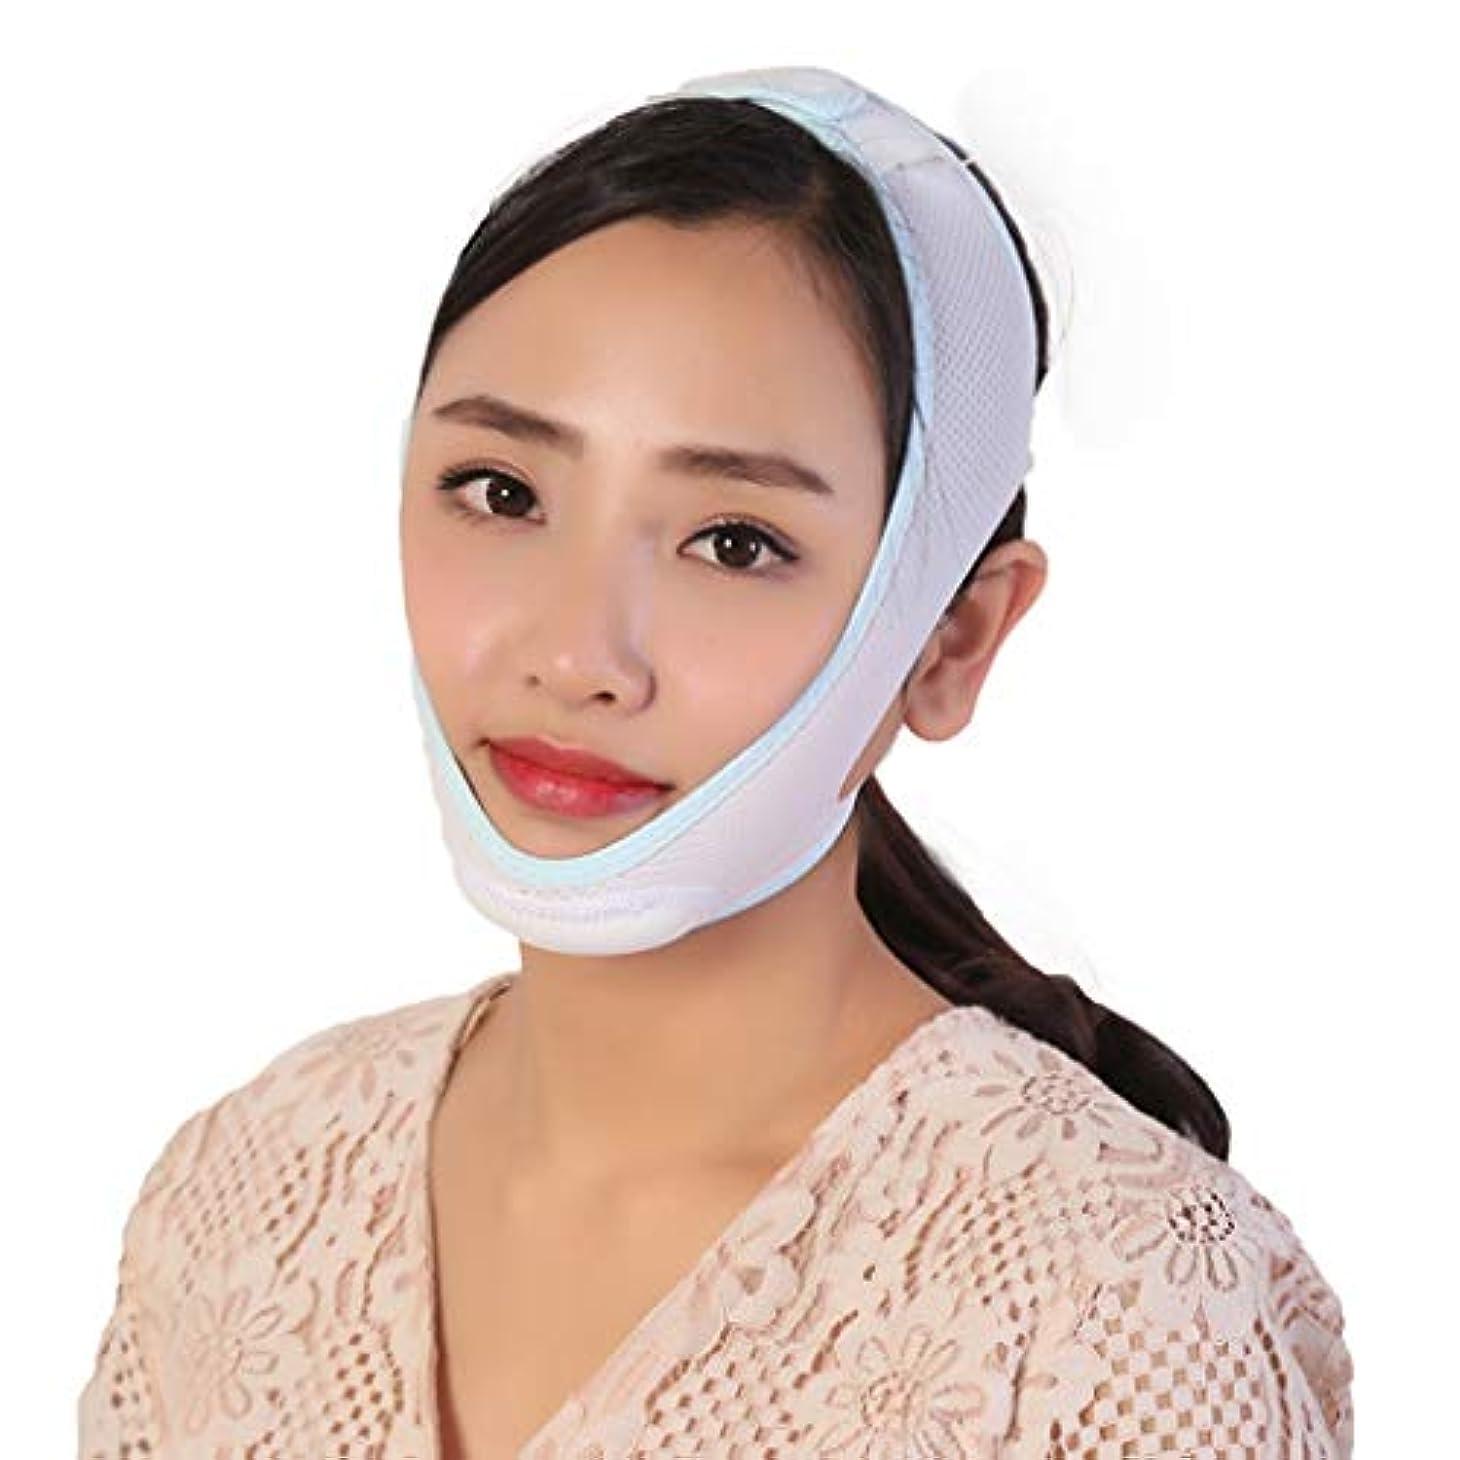 大西洋生命体動力学顔の顔を持ち上げる顔のマスクを改善するために快適な顔面曲線包括的通気性包帯